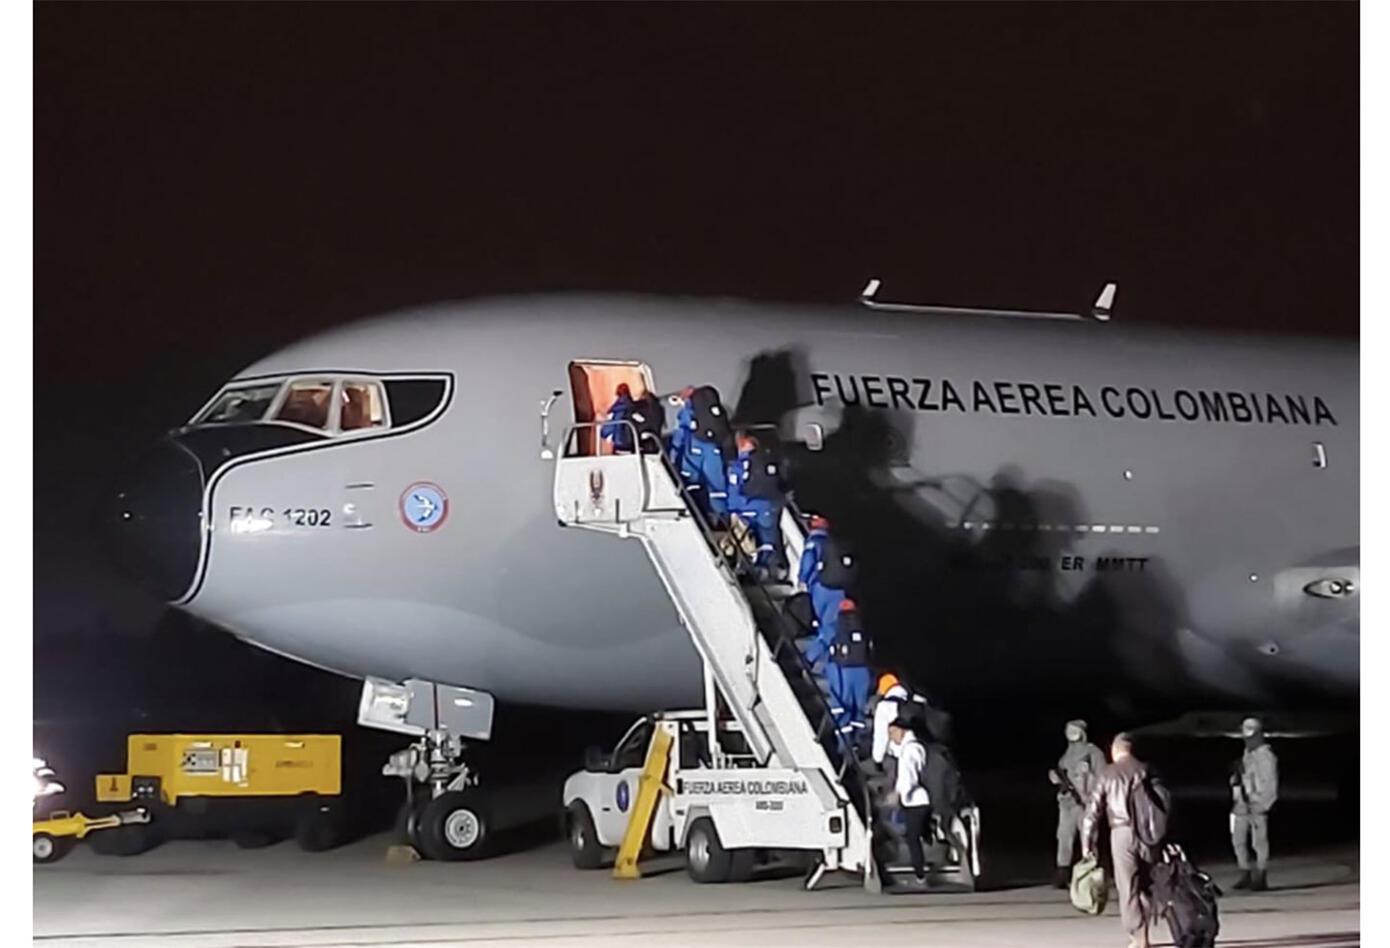 La misión de esta tripulación es ayudar a repatriar a trece ciudadanos colombianos en Wuhan.